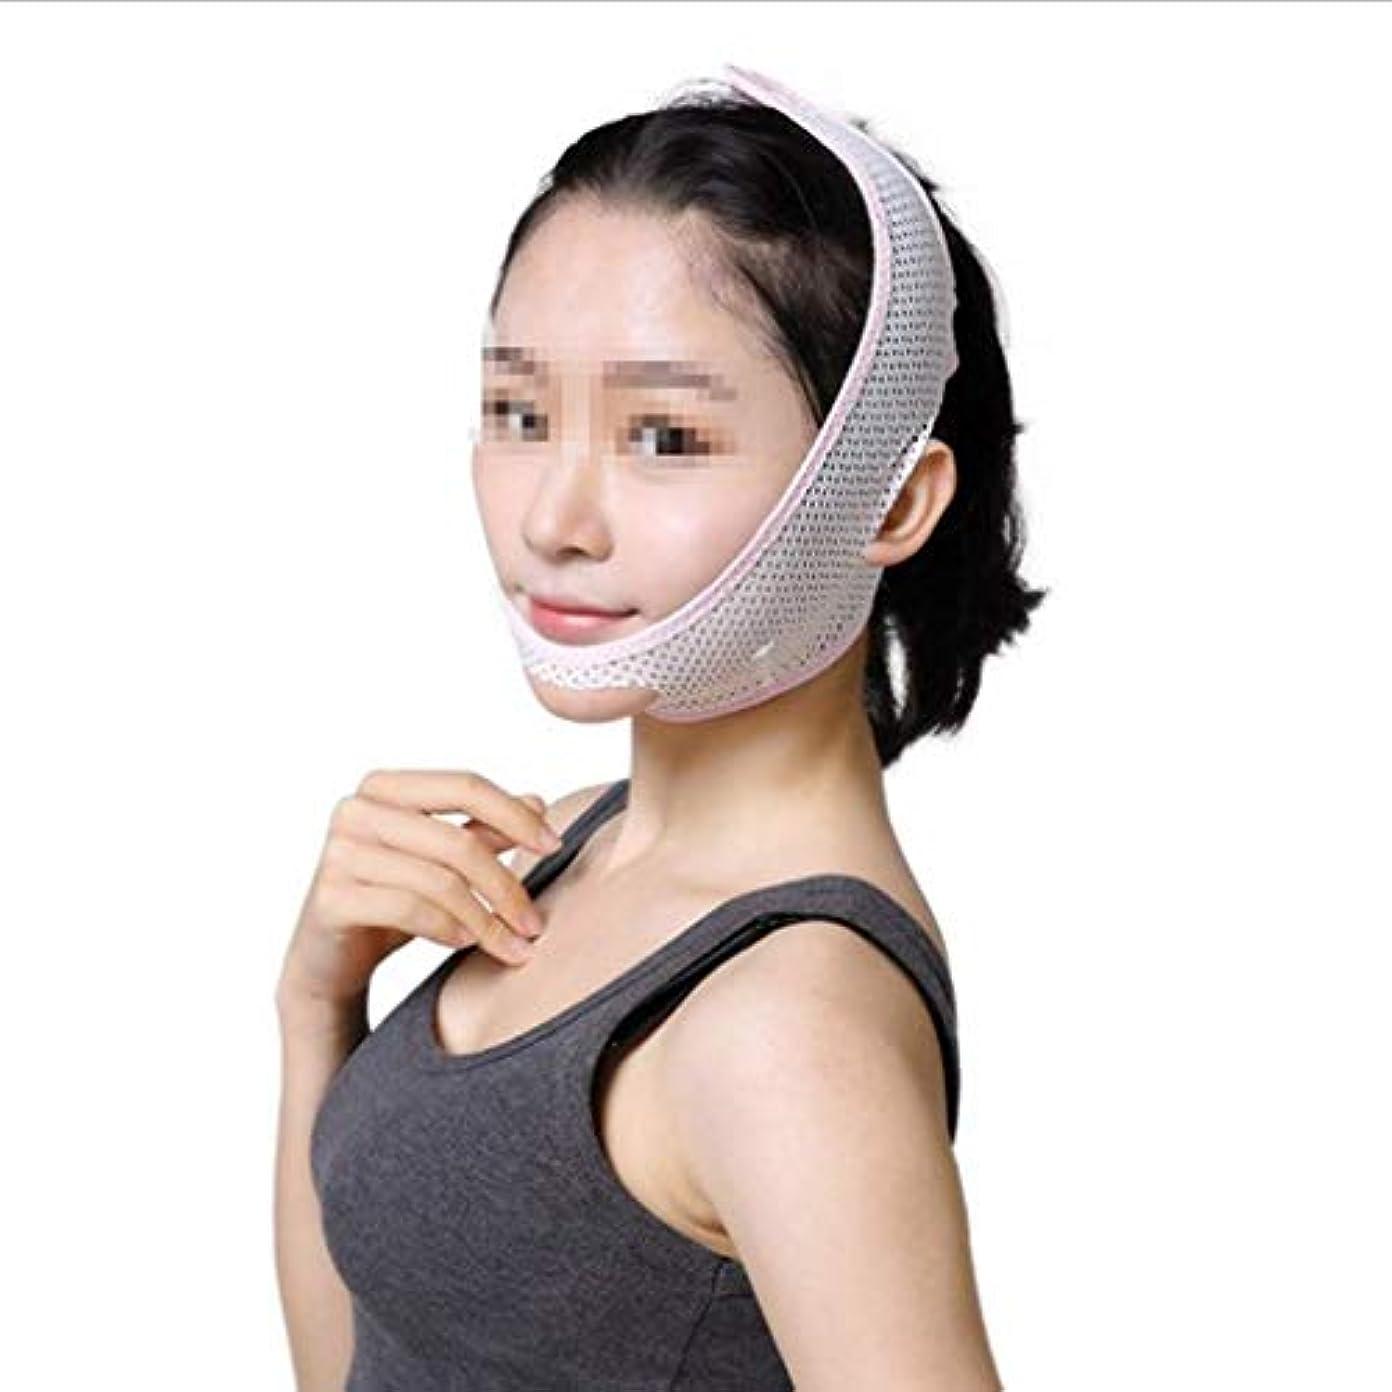 会話型クローゼット公爵夫人超薄型通気性フェイスマスク、包帯Vフェイスマスクフェイスリフティングファーミングダブルチンシンフェイスベルト(サイズ:M)